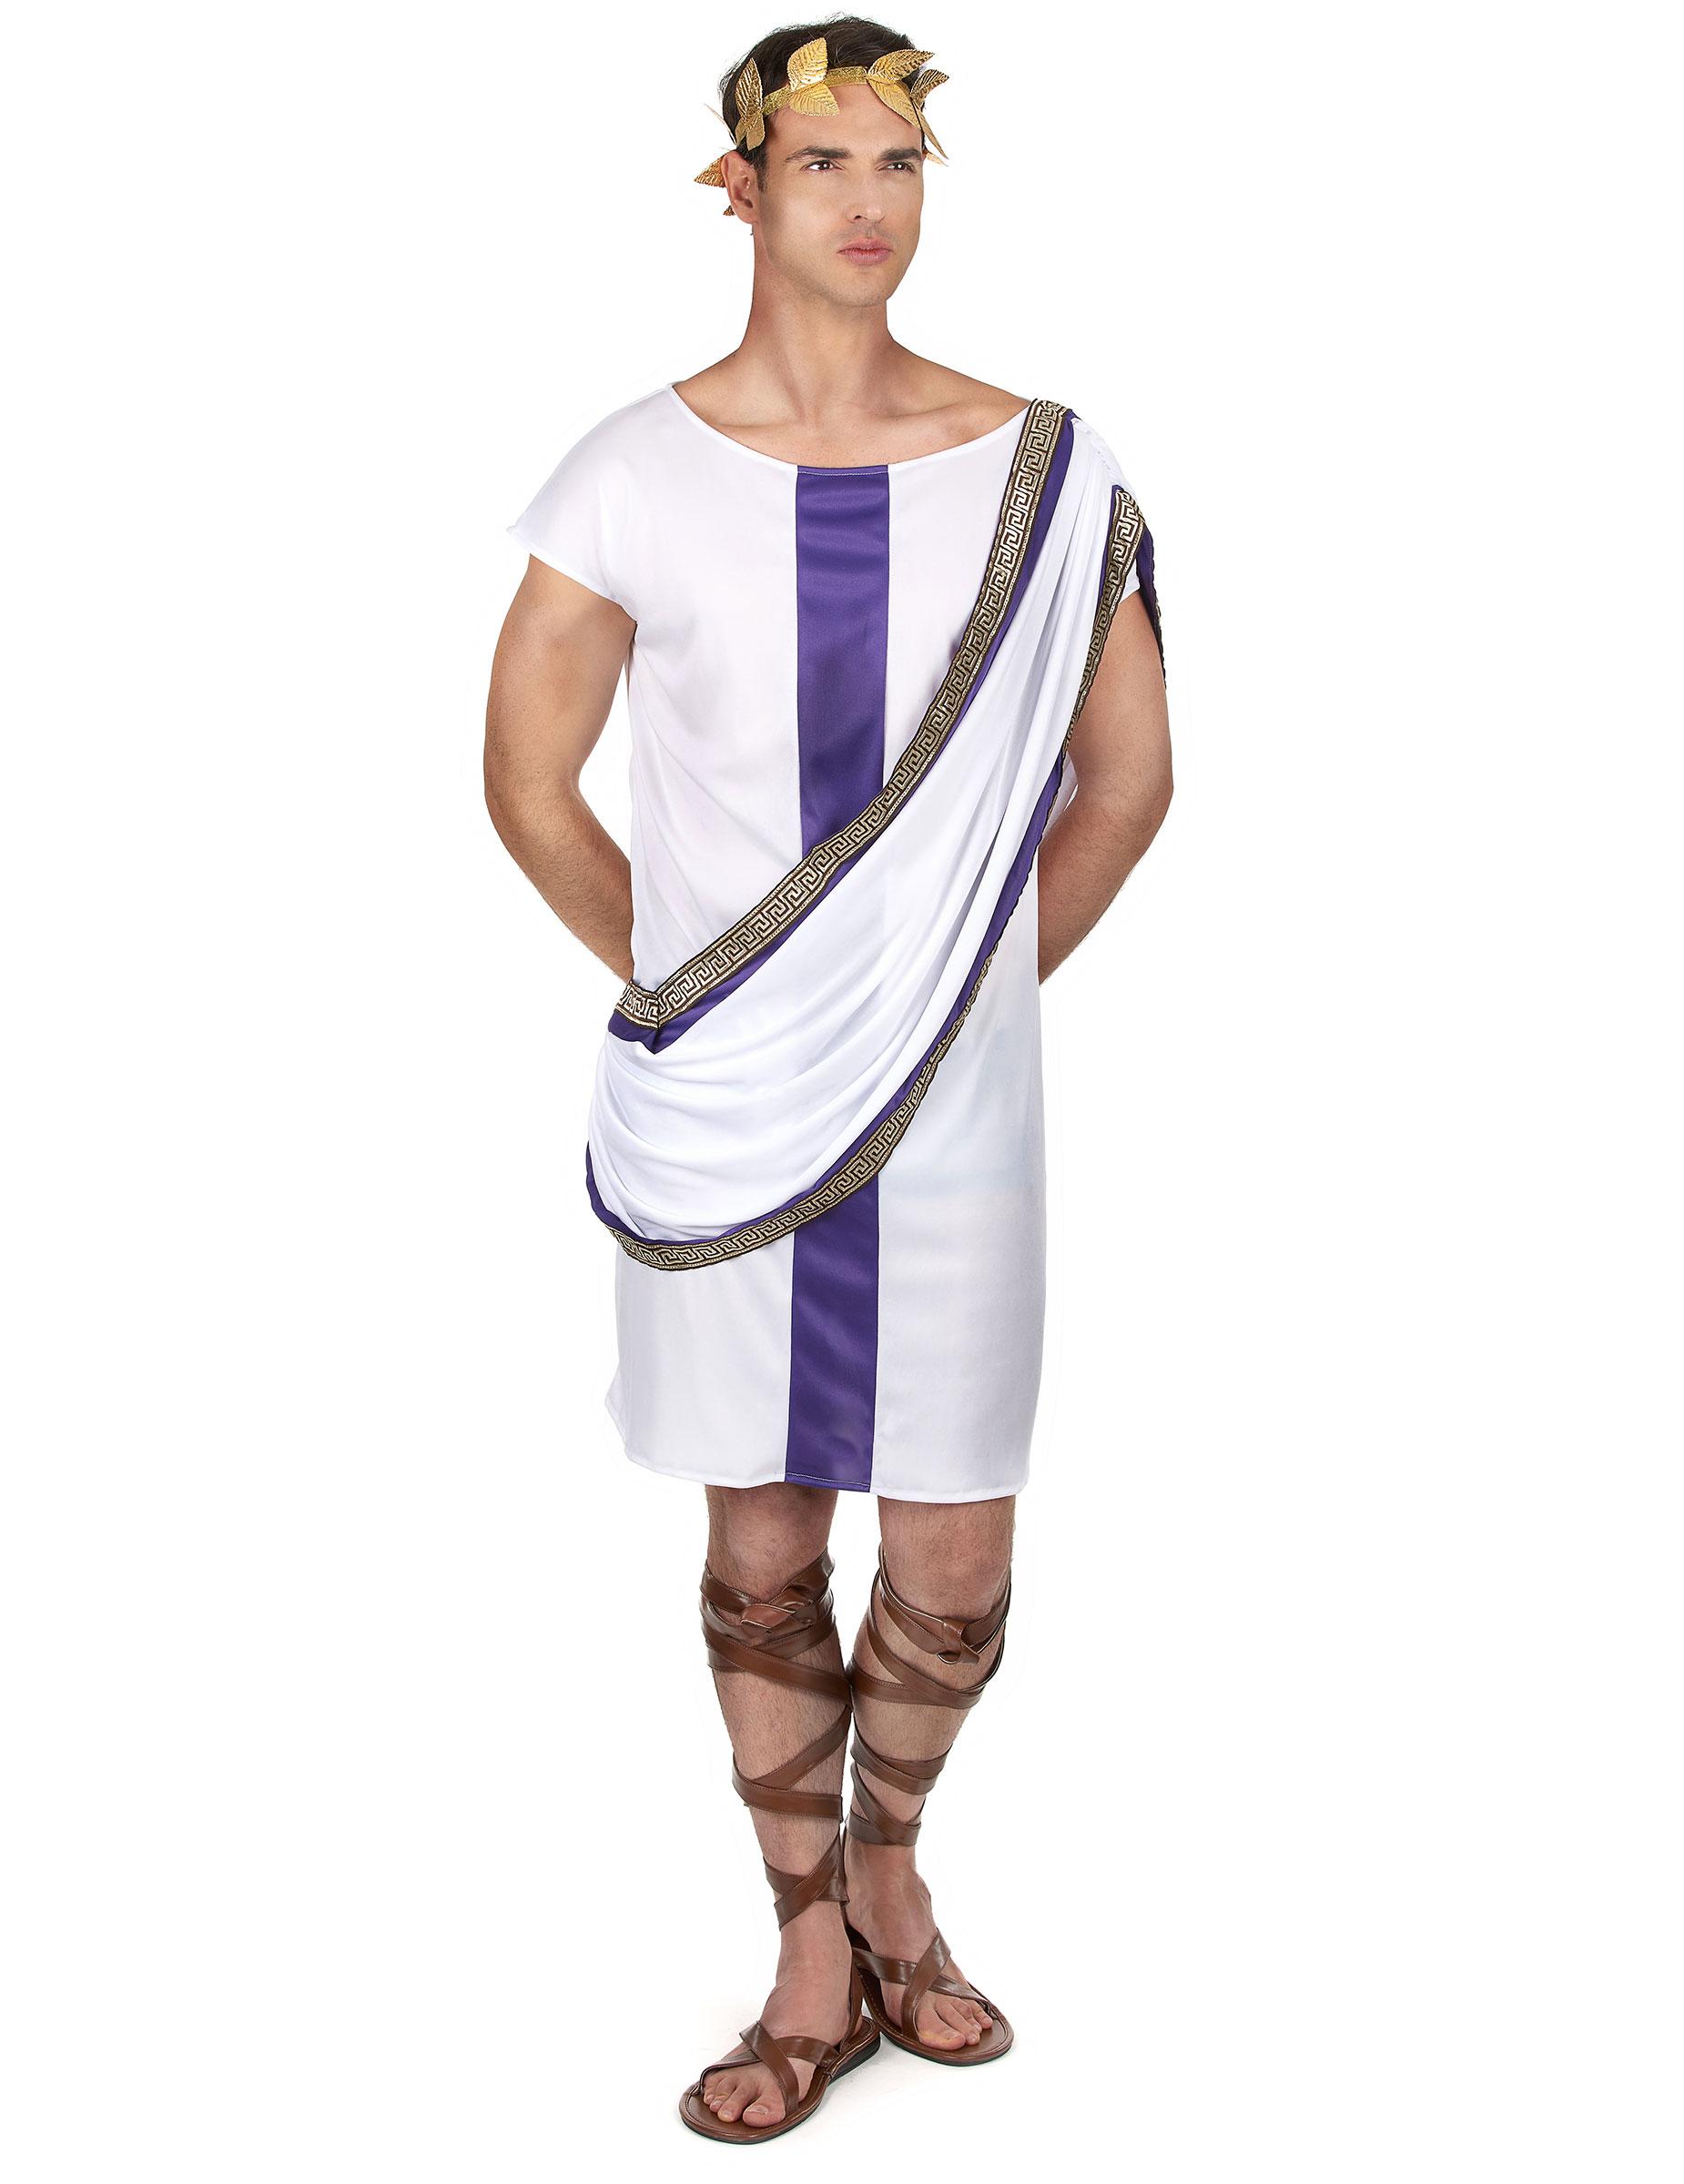 Costume Gladiatore Bambino Bambini Costume romani travestimento soldato romano spartano